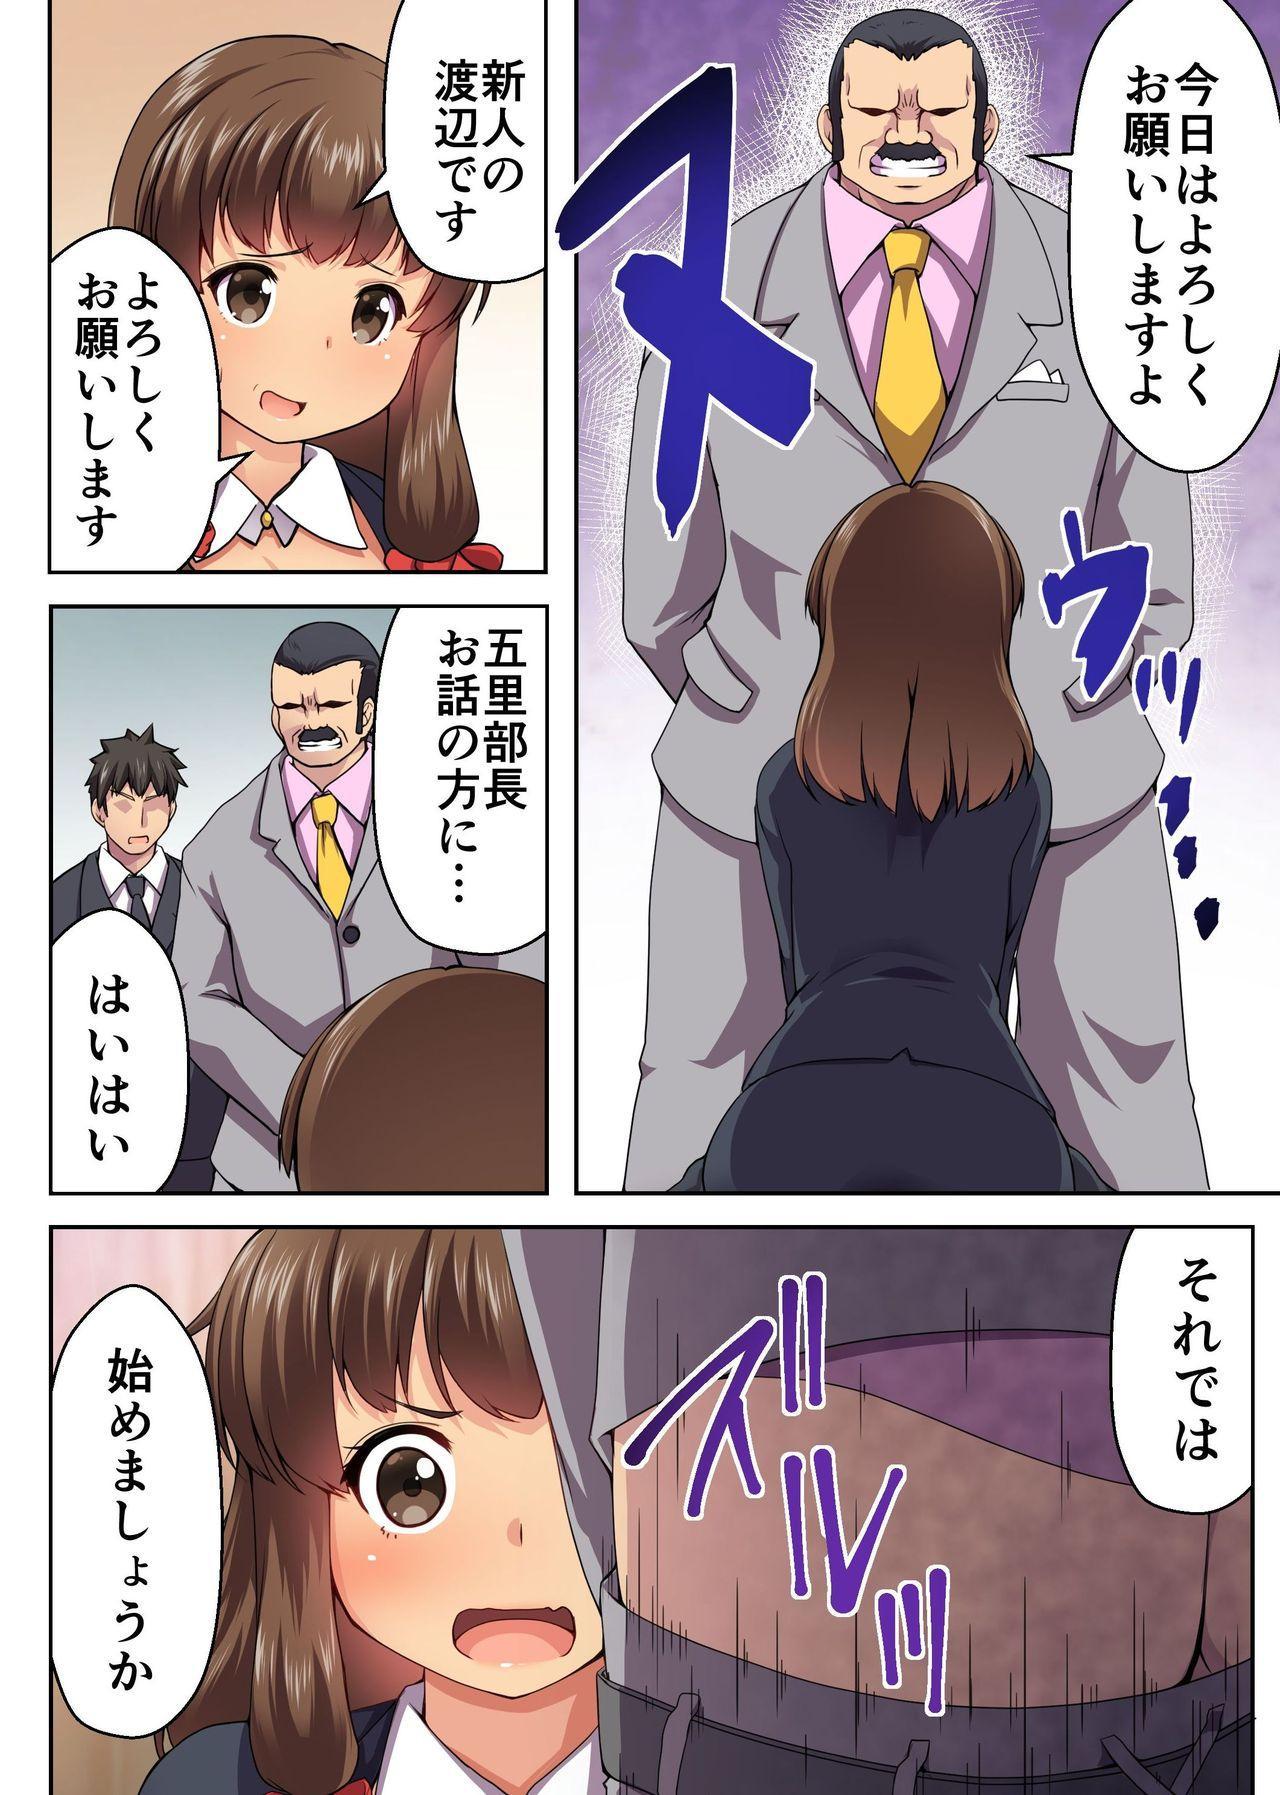 Black Kigyou ni Tsutomeru Konyakusha ga Nikutai Settai-ka ni Haizoku saremashita 6